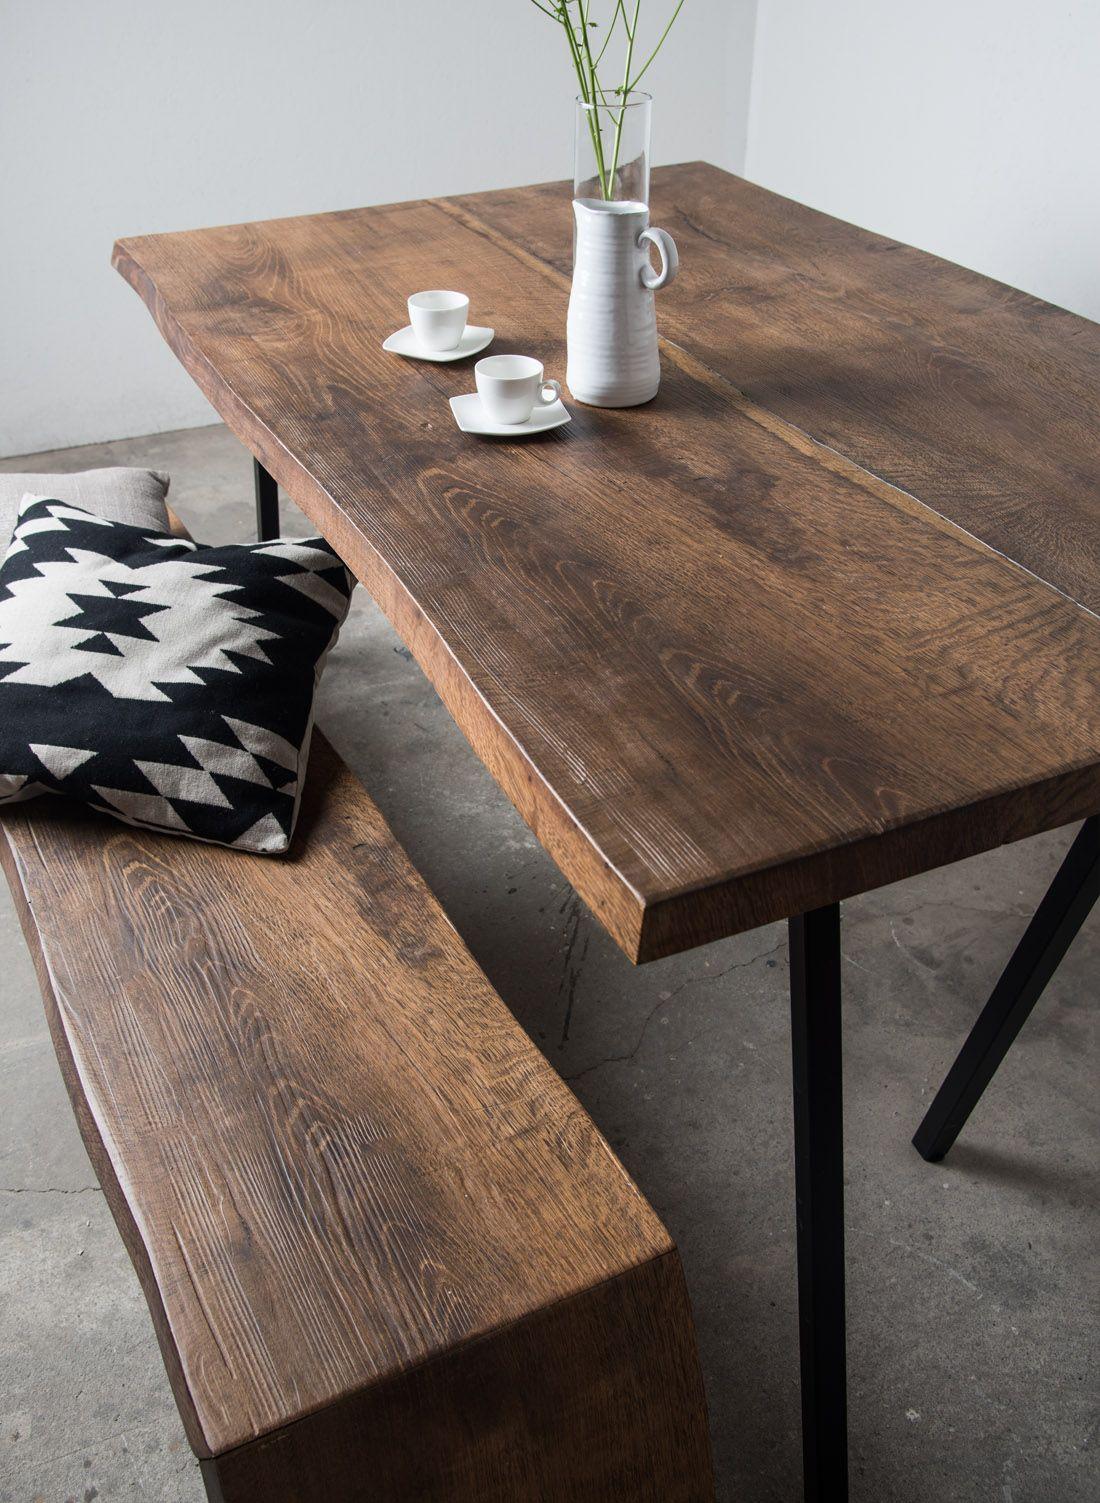 Altholzdesign Tisch mit edler, dunkler Färbung von SUNWOOD